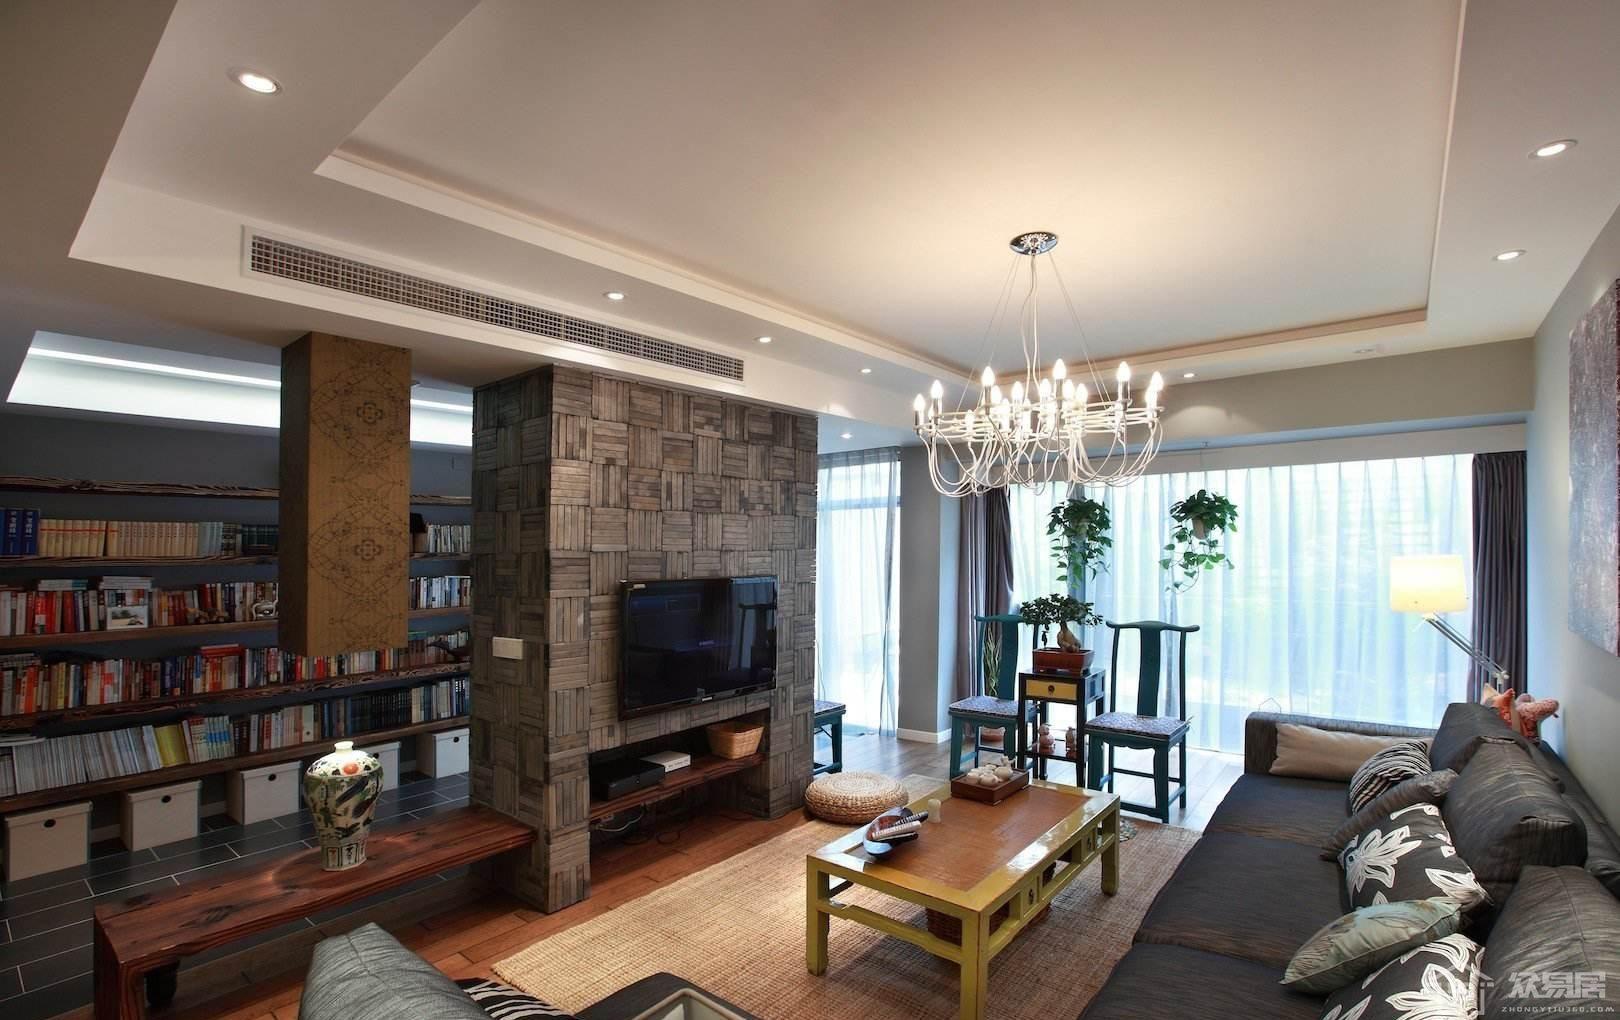 电视墙有哪些装修风格 电视墙怎么装修比较好看